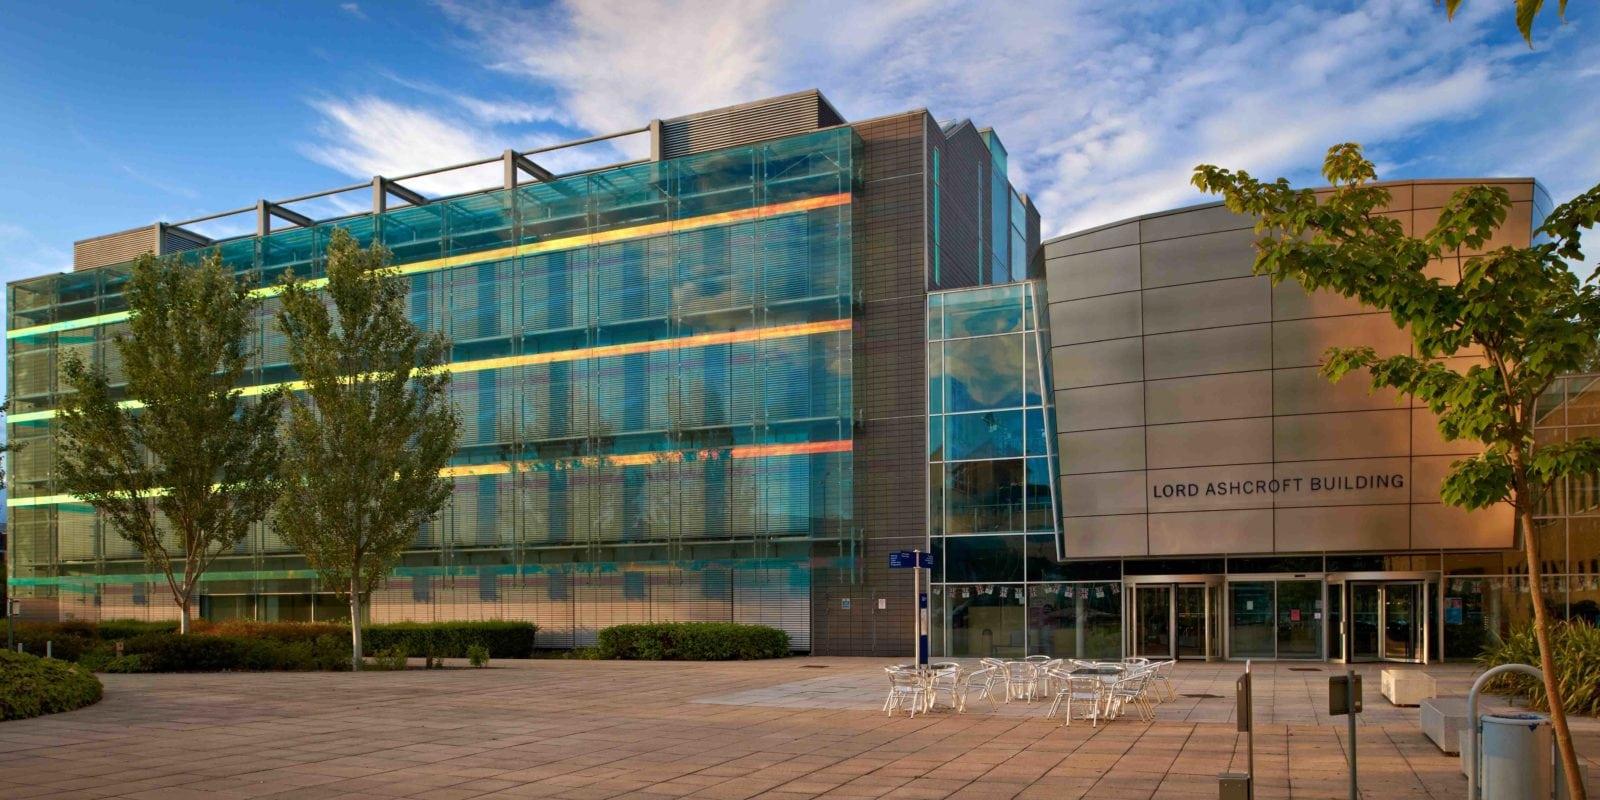 Study abroad at Anglia Ruskin University, UK